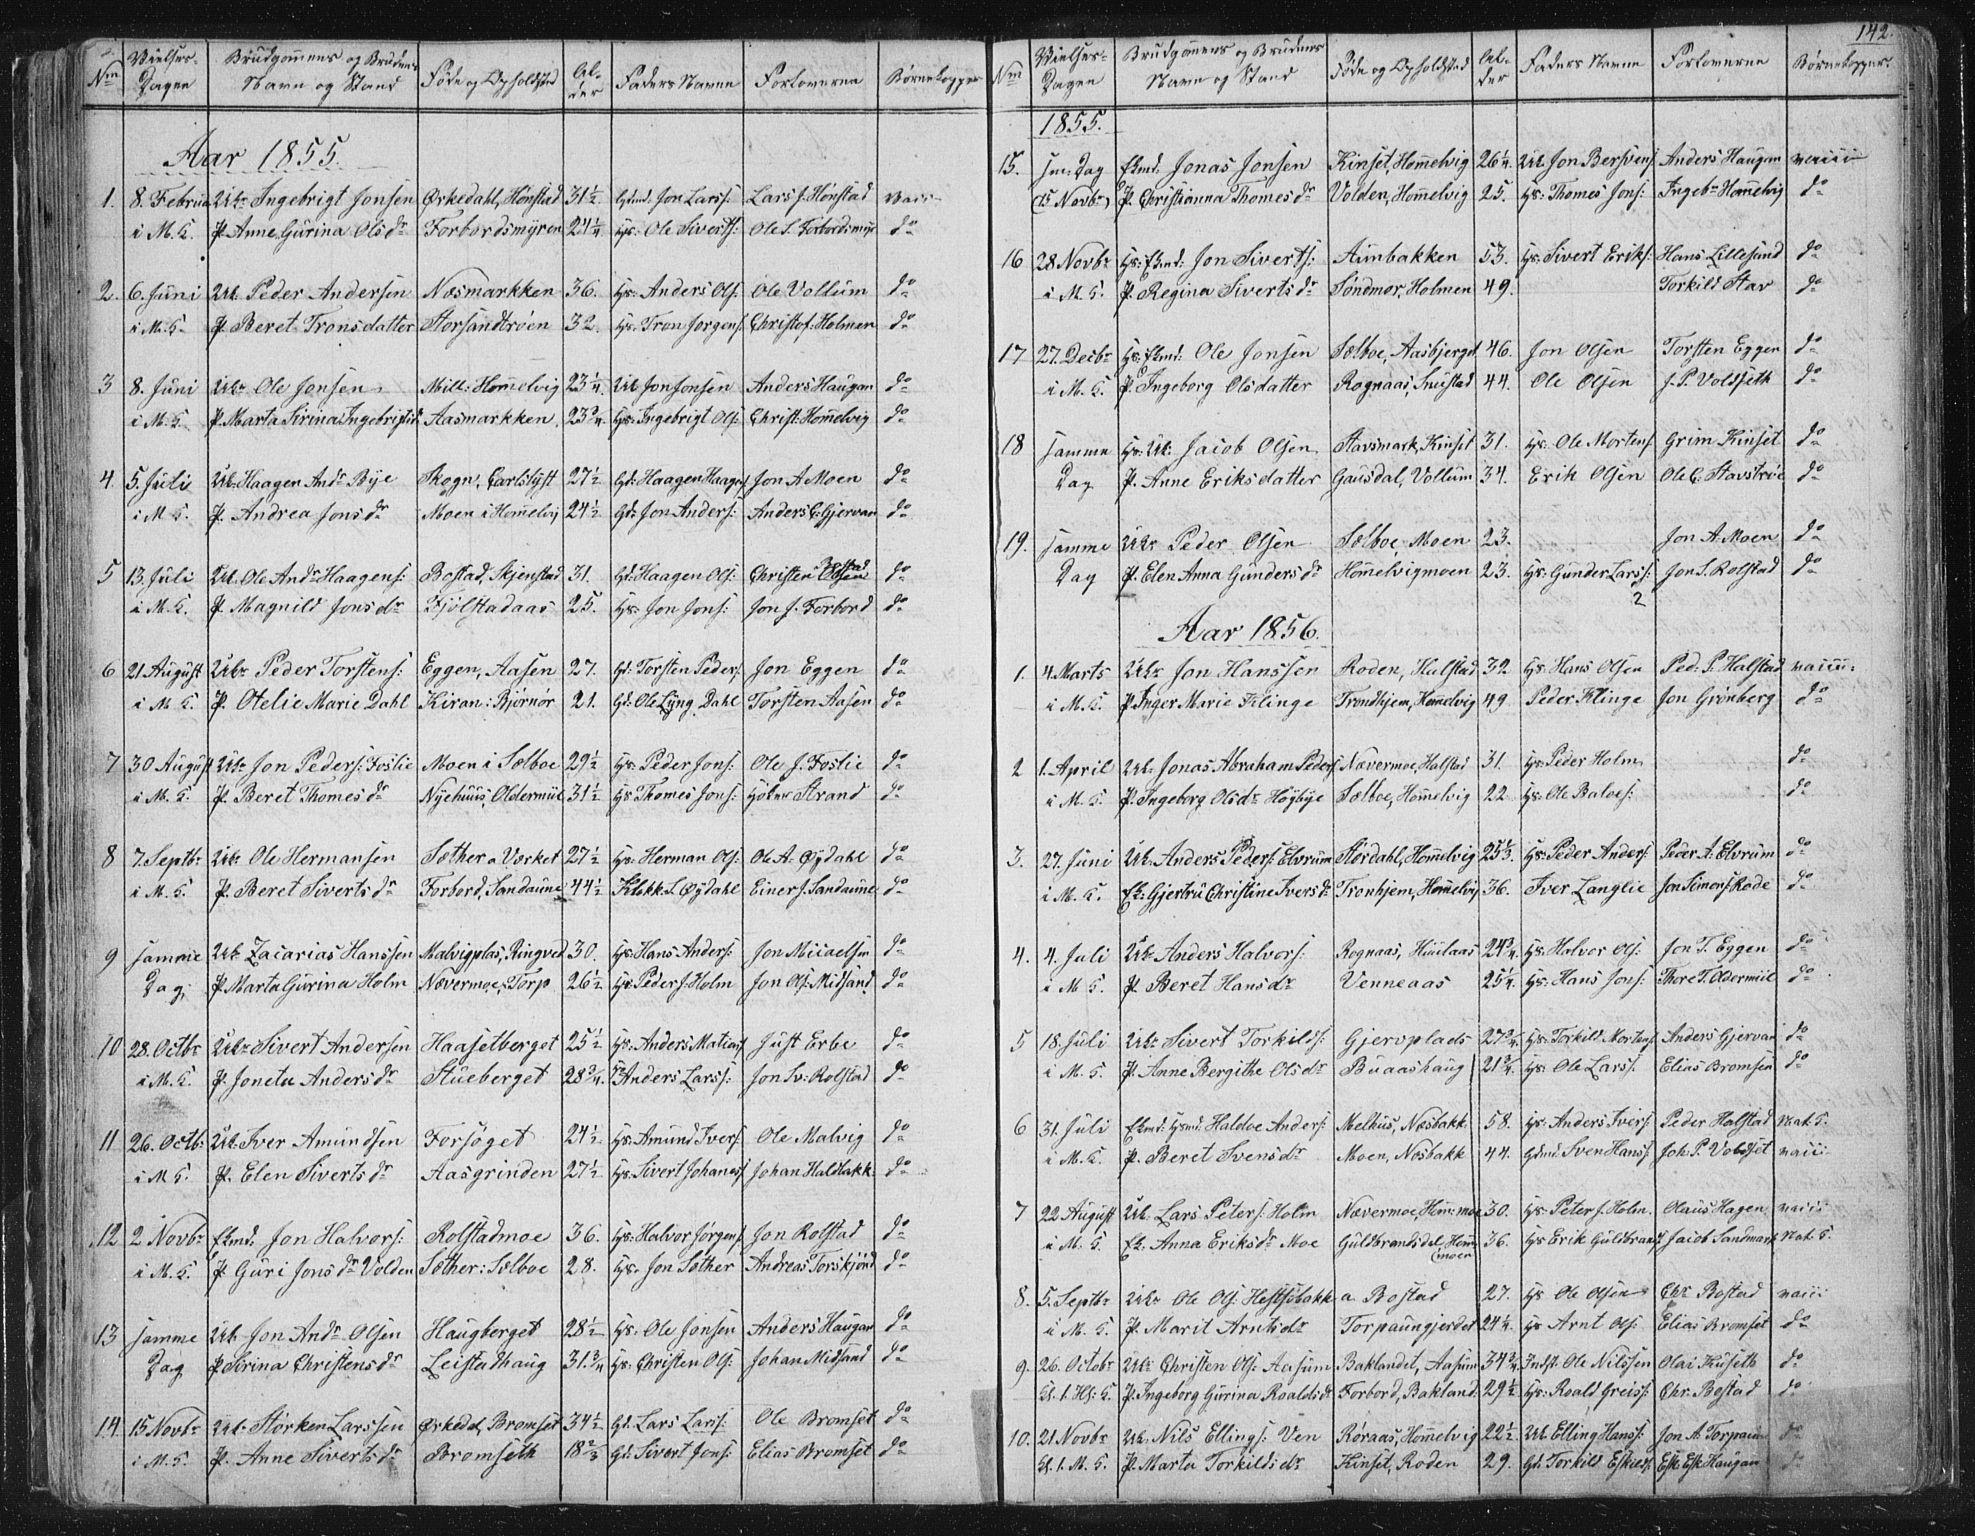 SAT, Ministerialprotokoller, klokkerbøker og fødselsregistre - Sør-Trøndelag, 616/L0406: Ministerialbok nr. 616A03, 1843-1879, s. 142